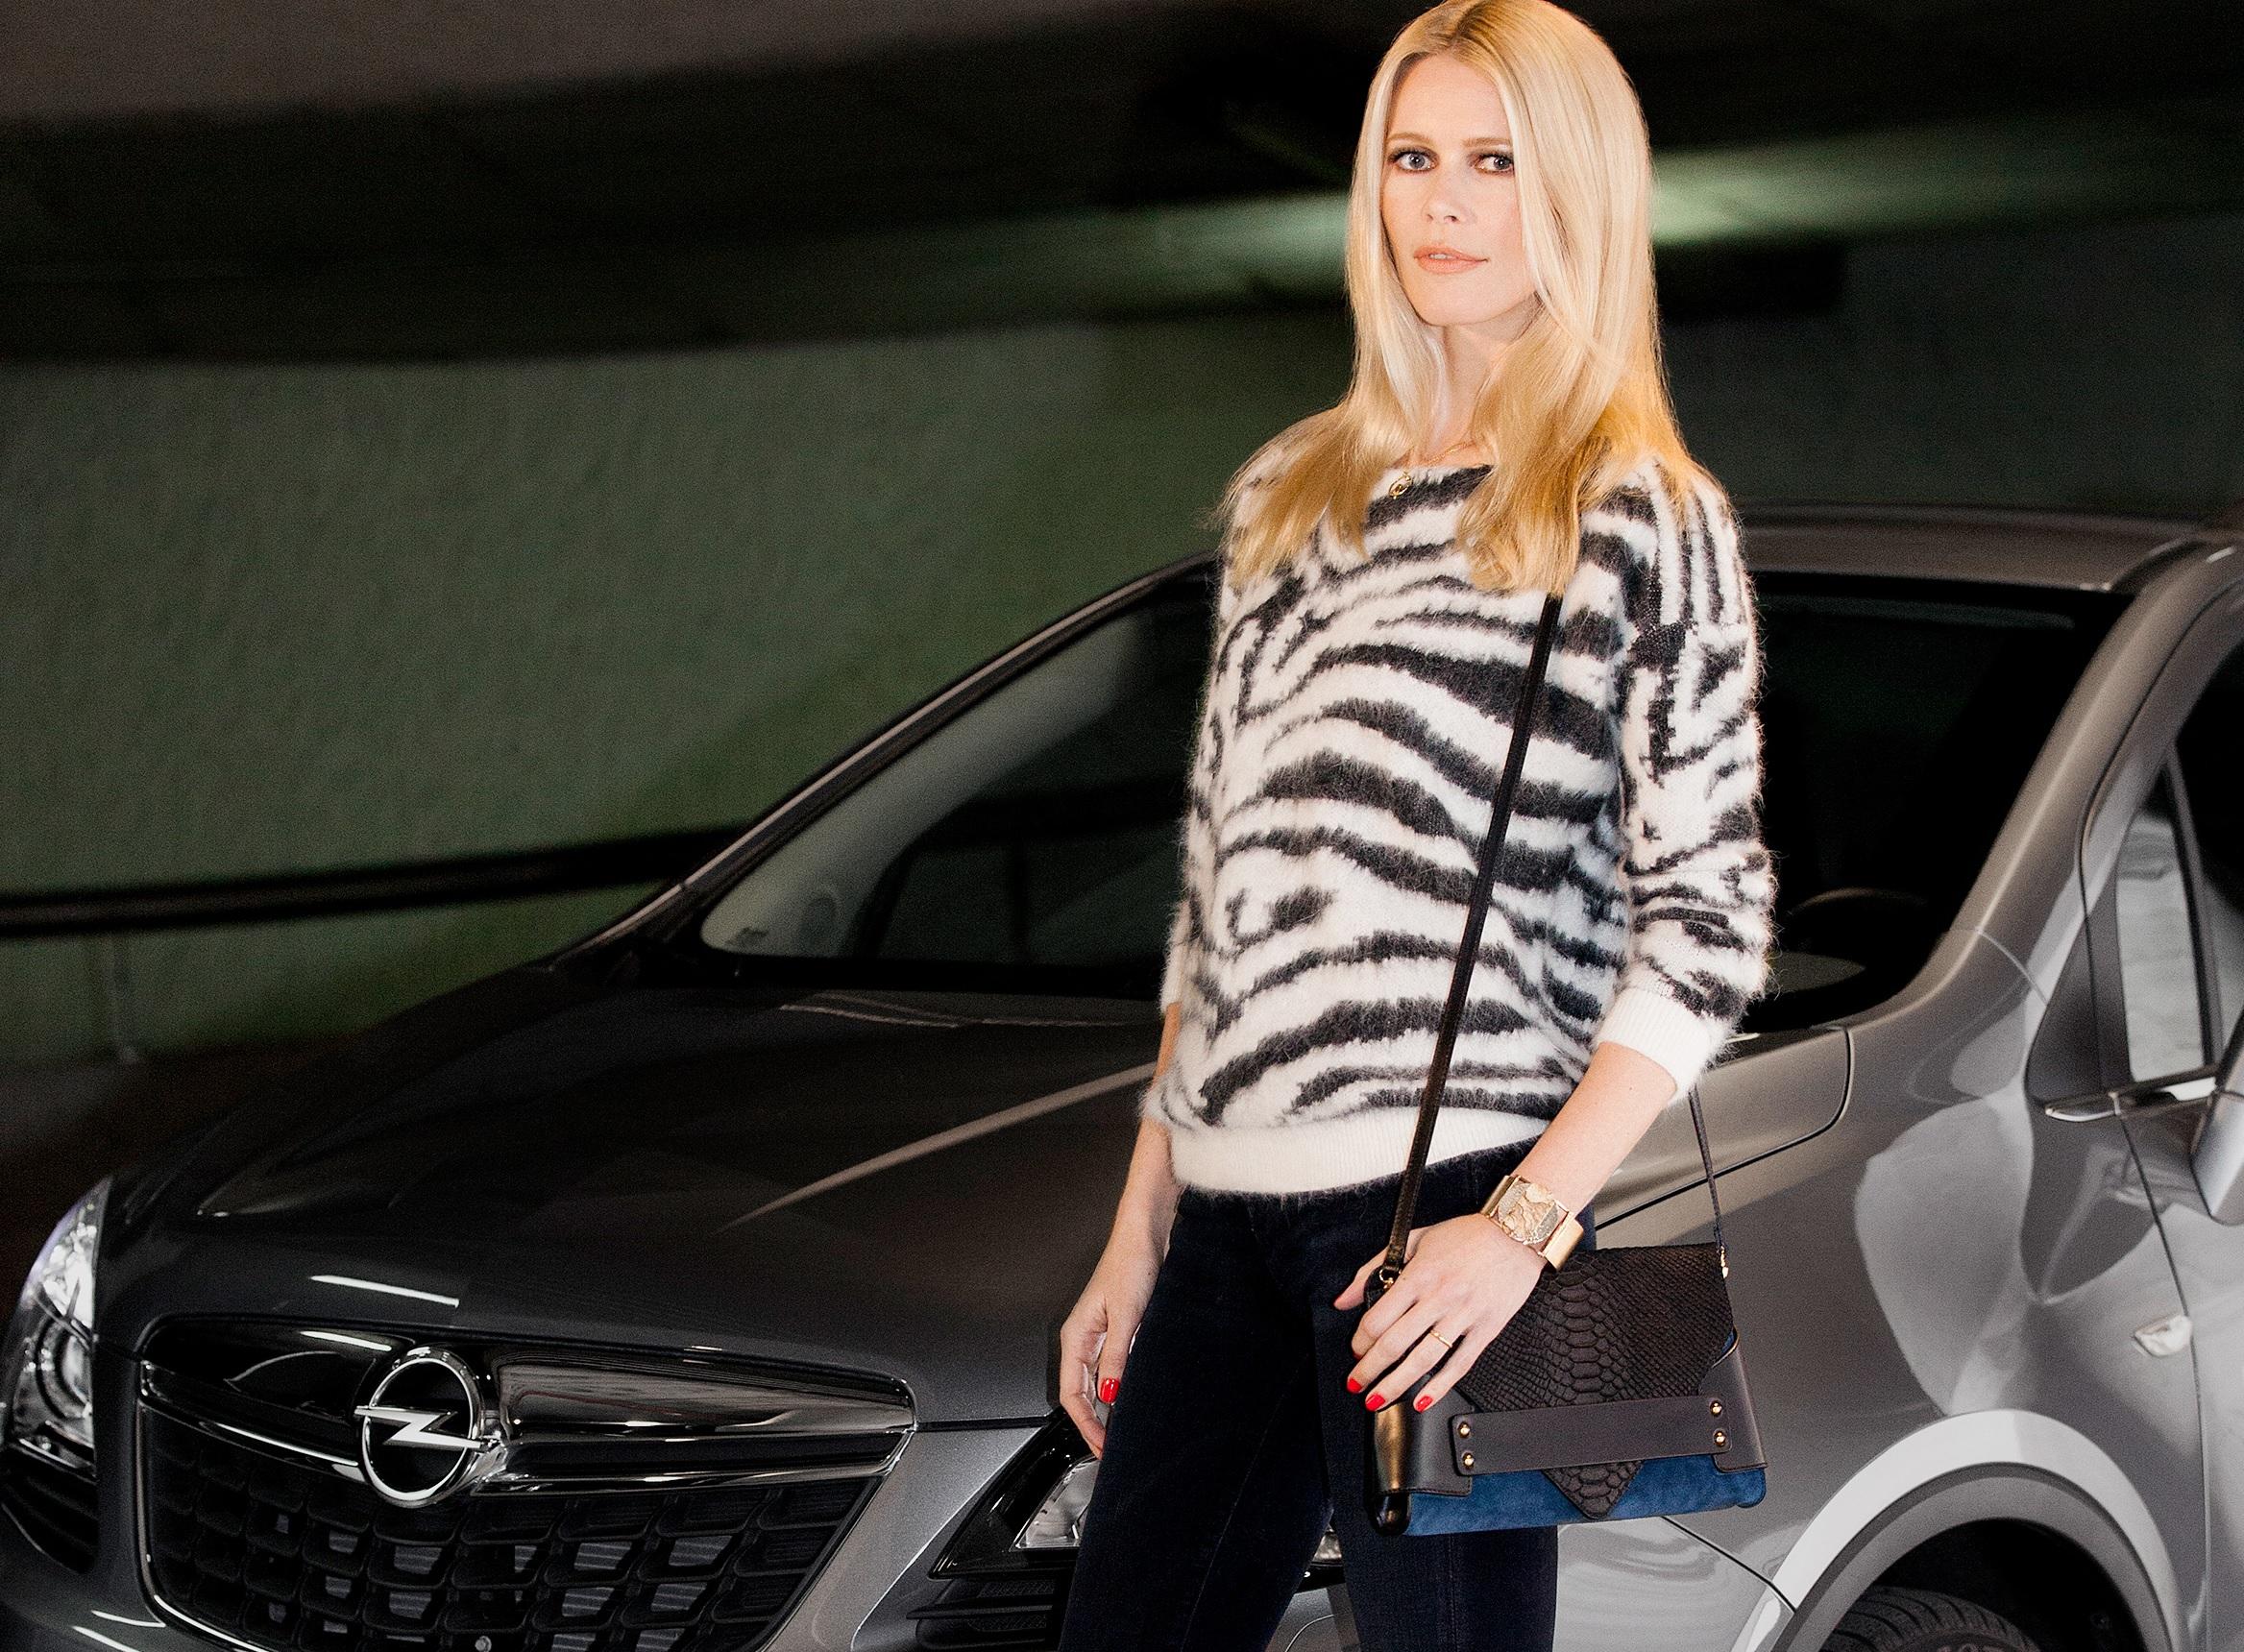 Claudia Schiffer ambasciatrice europea Opel